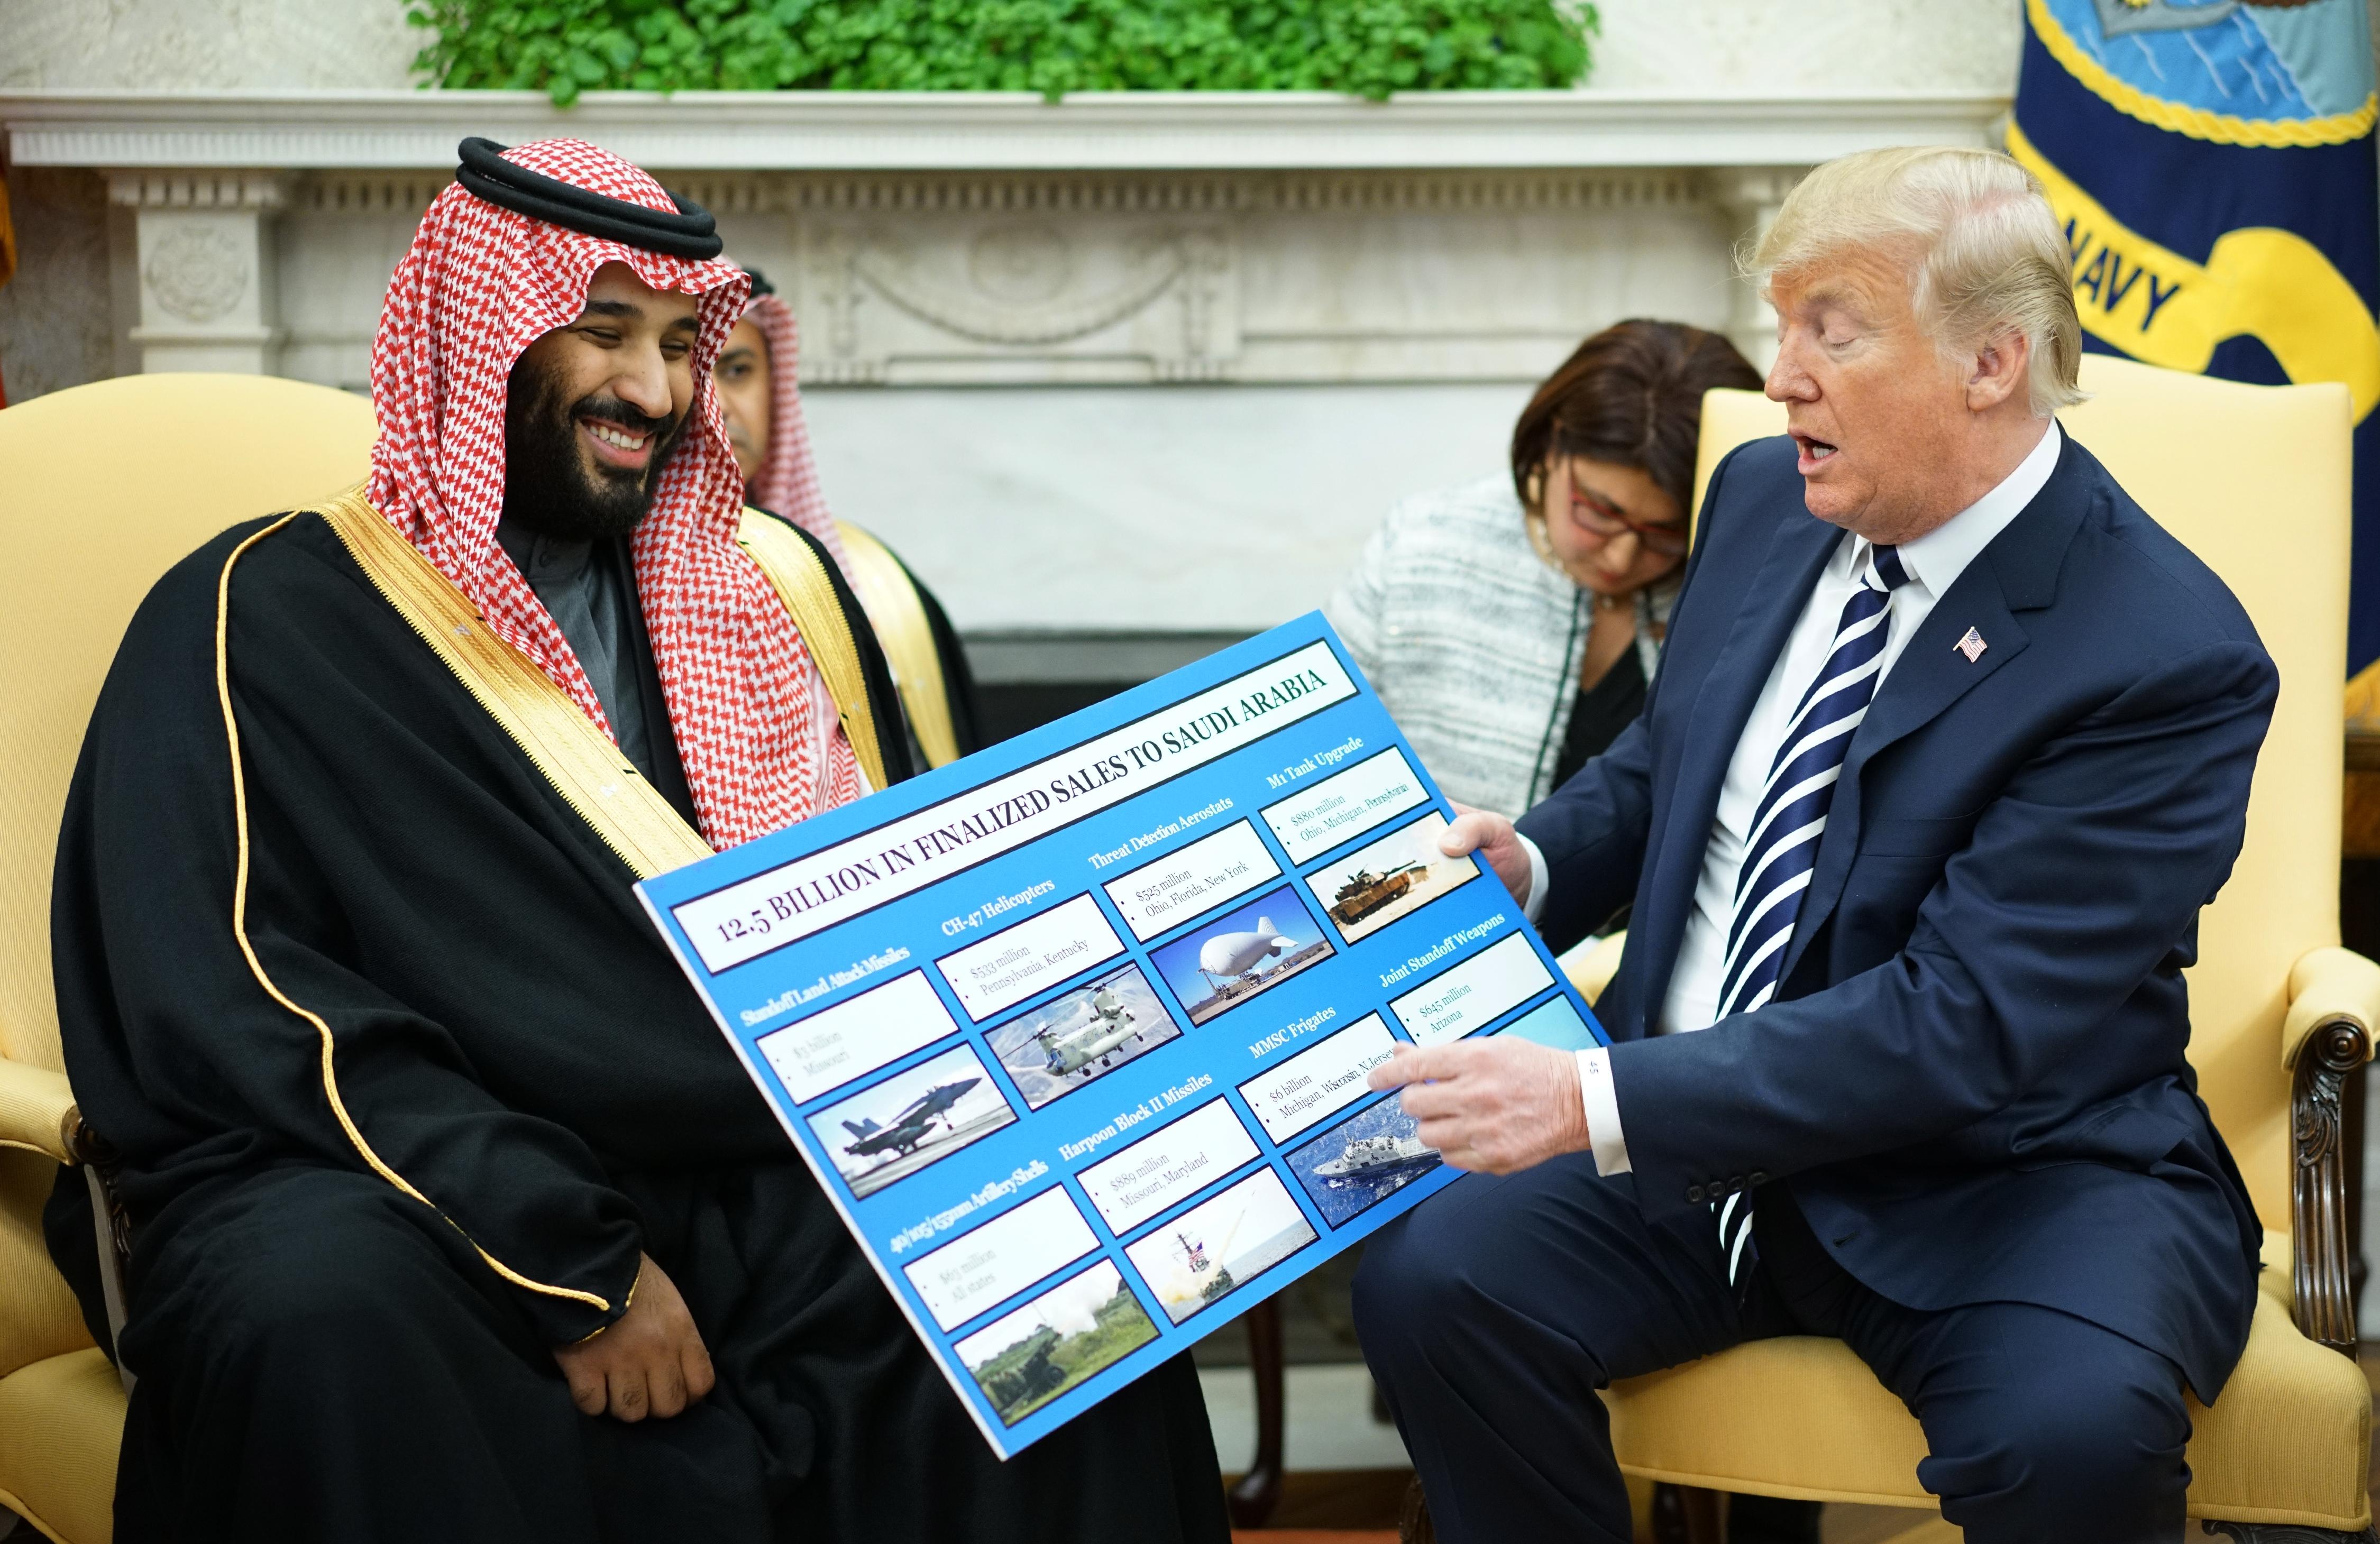 أعضاء في الكونغرس طلبوا أكثر من مرة وقف بيع الأسلحة للسعودية